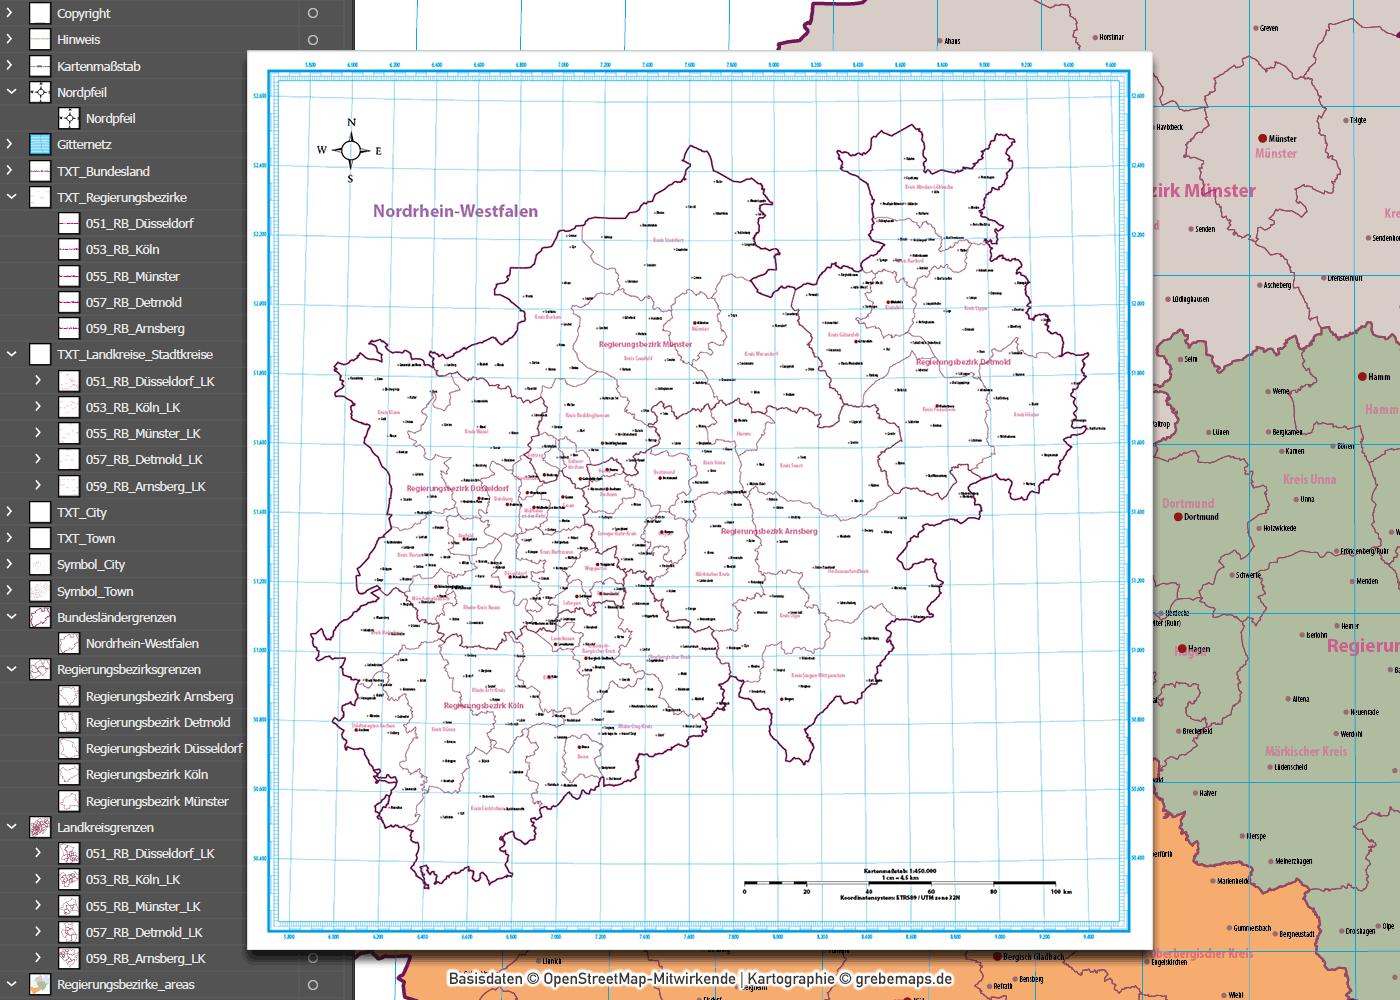 Nordrhein-Westfalen Vektorkarte NRW Regierungsbezirke Landkreise, Vektorkarte NRW Landkreise, Vektorkarte NRW Regierungsbezirke, Landkarte NRW Landkreise, Übersichtskarte NRW Landkreise, AI, download, editierbar, ebenen-separiert